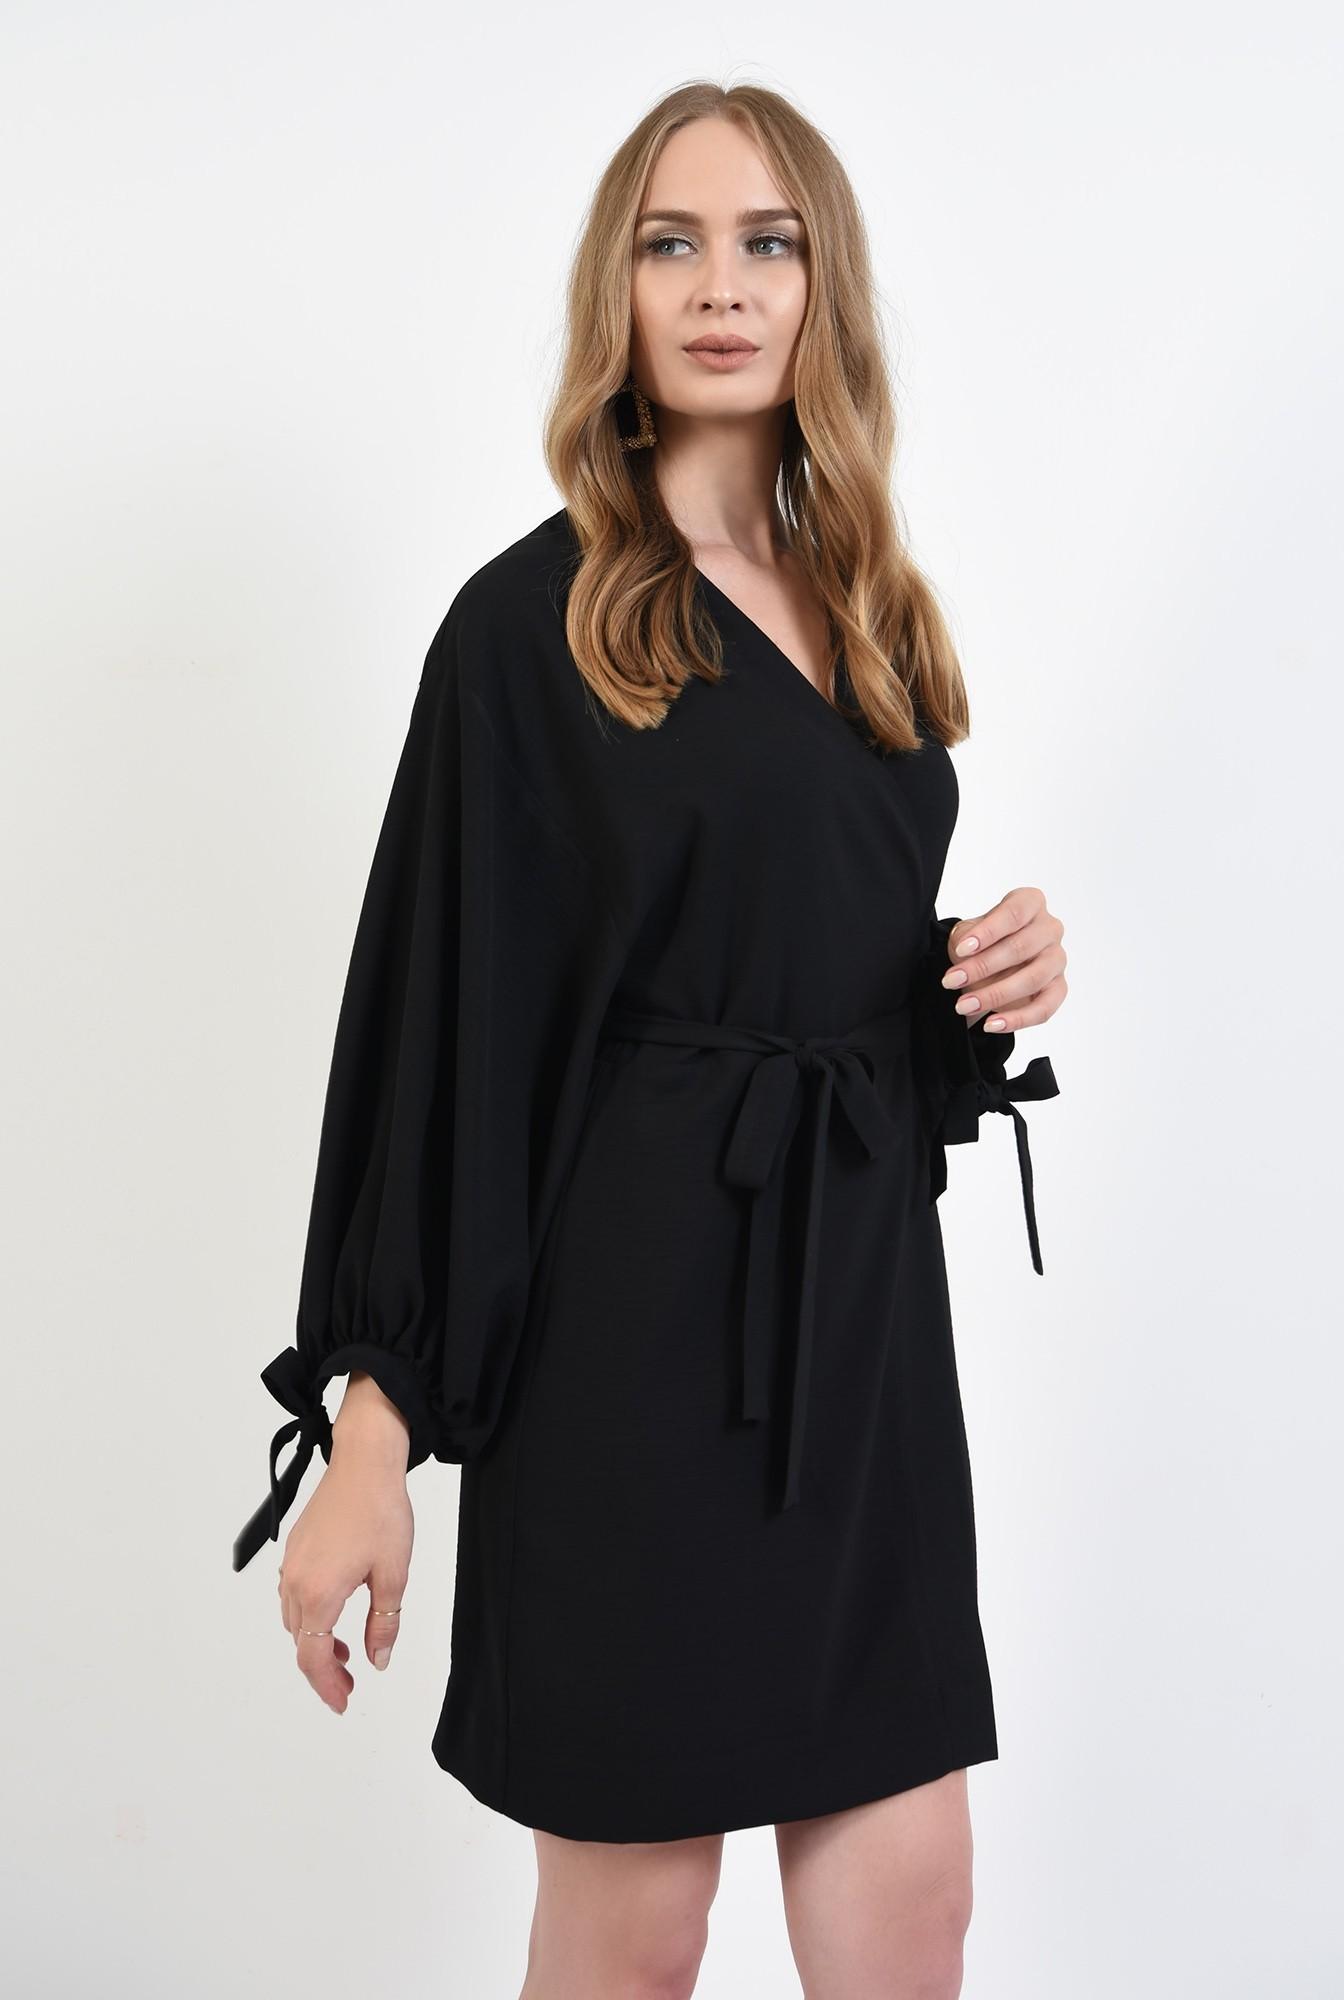 0 - 360 - rochie mini,neagra, Poema